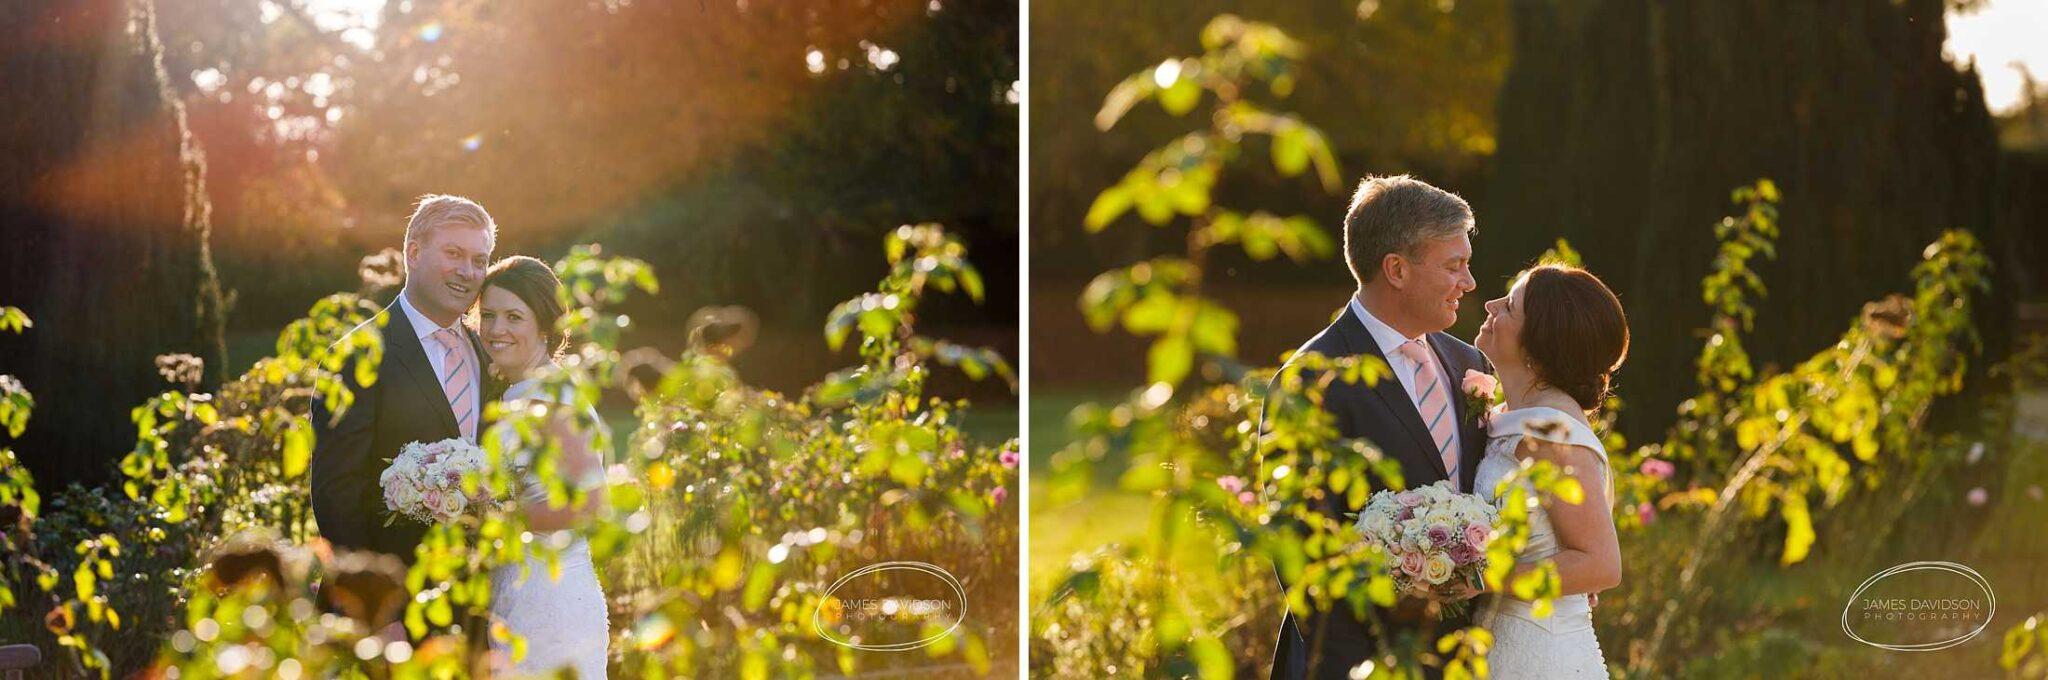 hengrave-autumn-wedding-063